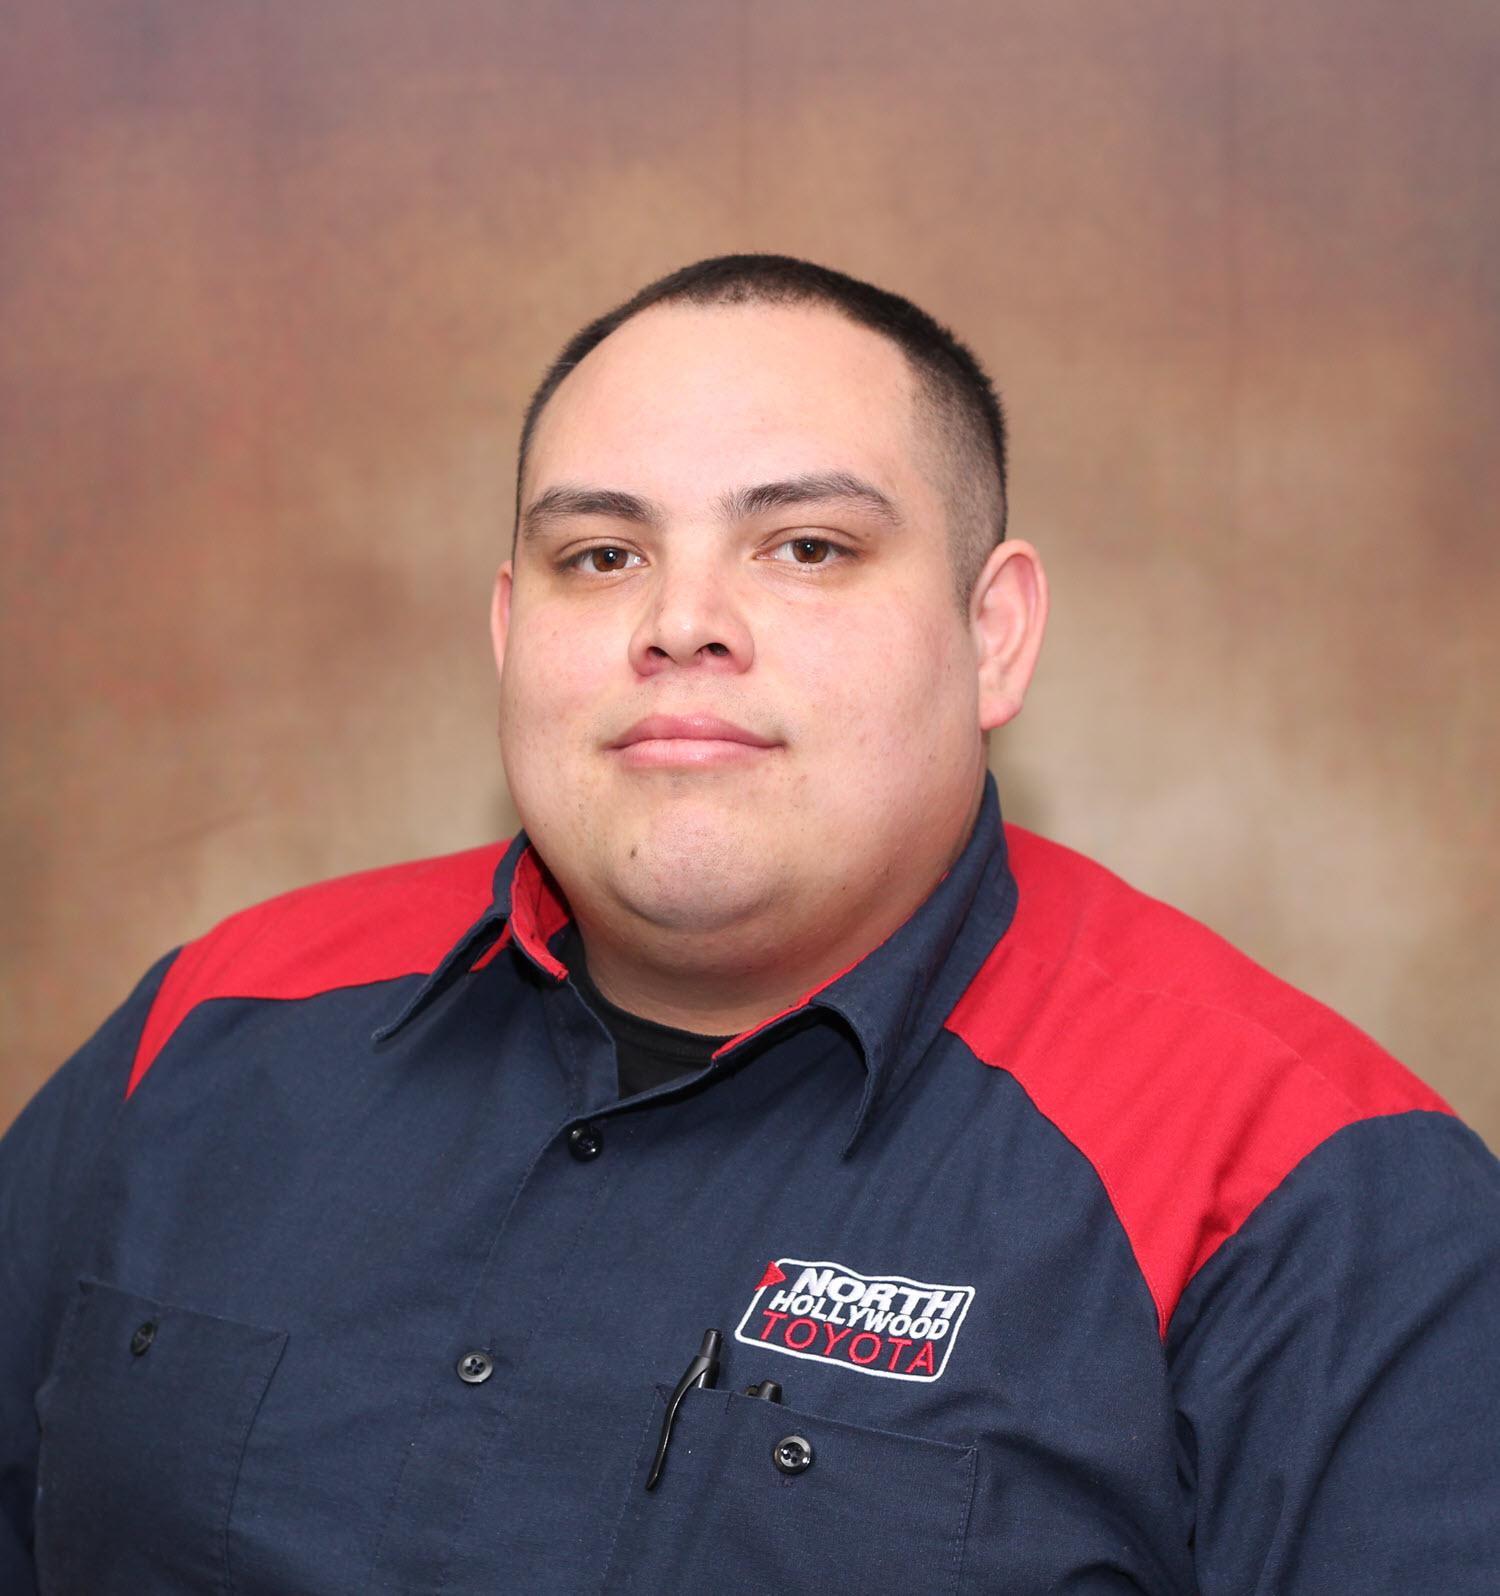 Danny Hernandez